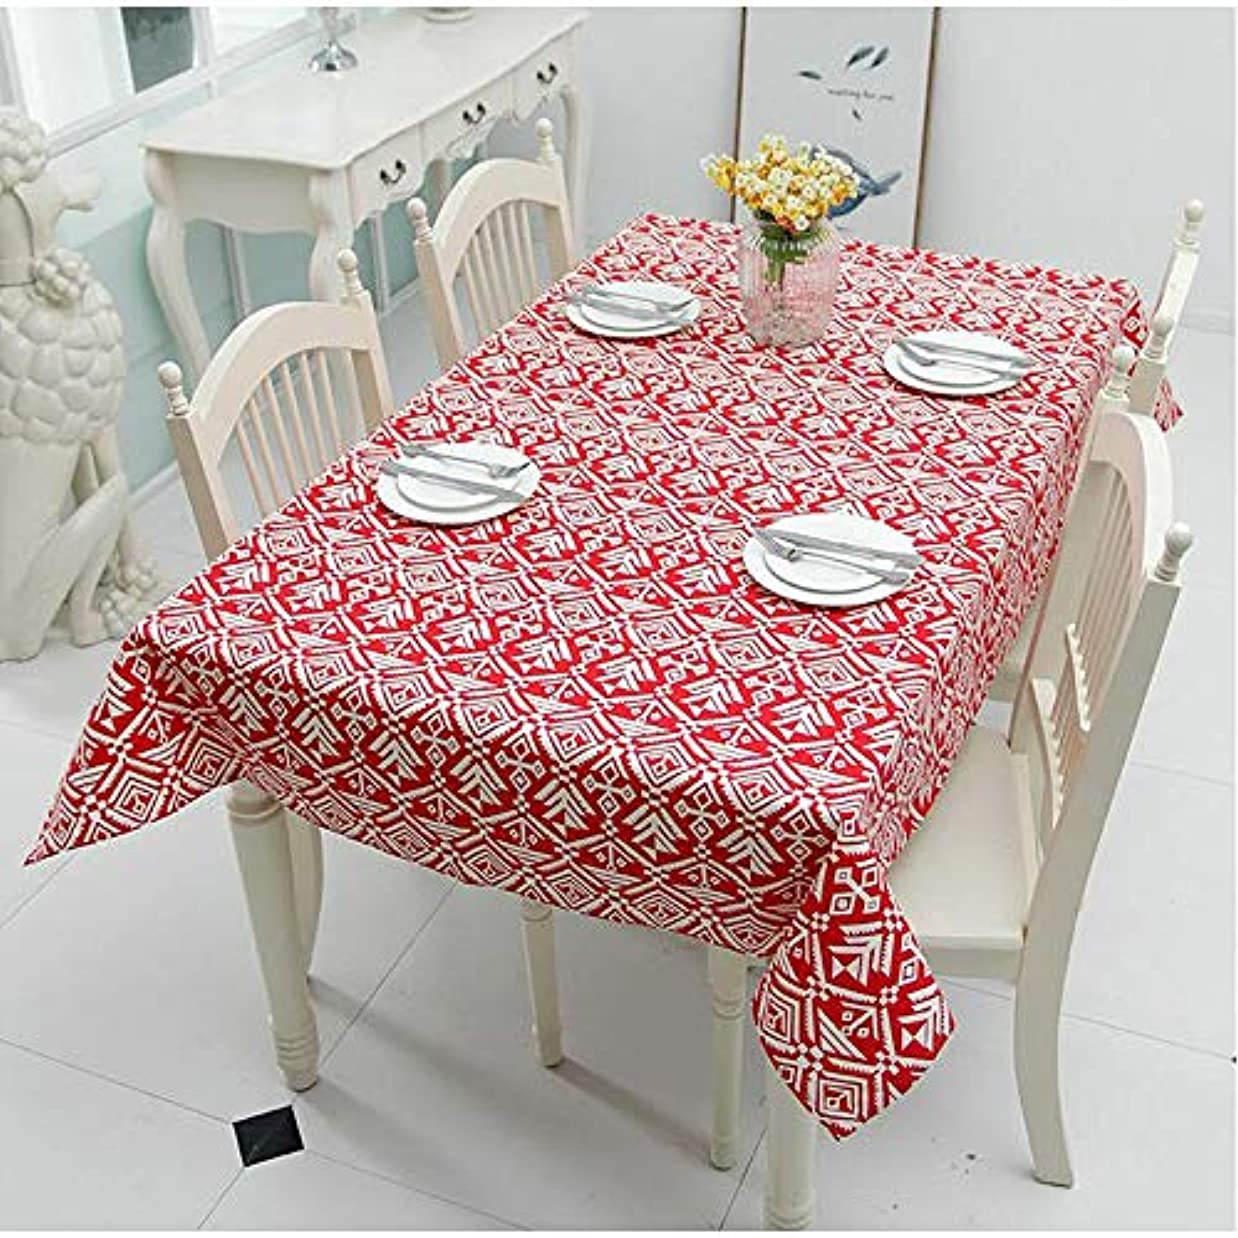 どんなときもジャンル累積Luckya テーブルクロス テーブルマット 完全なポリエステルの八角形のキャンバス抽象的な幾何学的な羽の直交テーブルクロスコーヒーテーブルテーブルクロステーブルクロス お手入れ簡単 家庭用 (Color : 4, Size : 90X90CM)